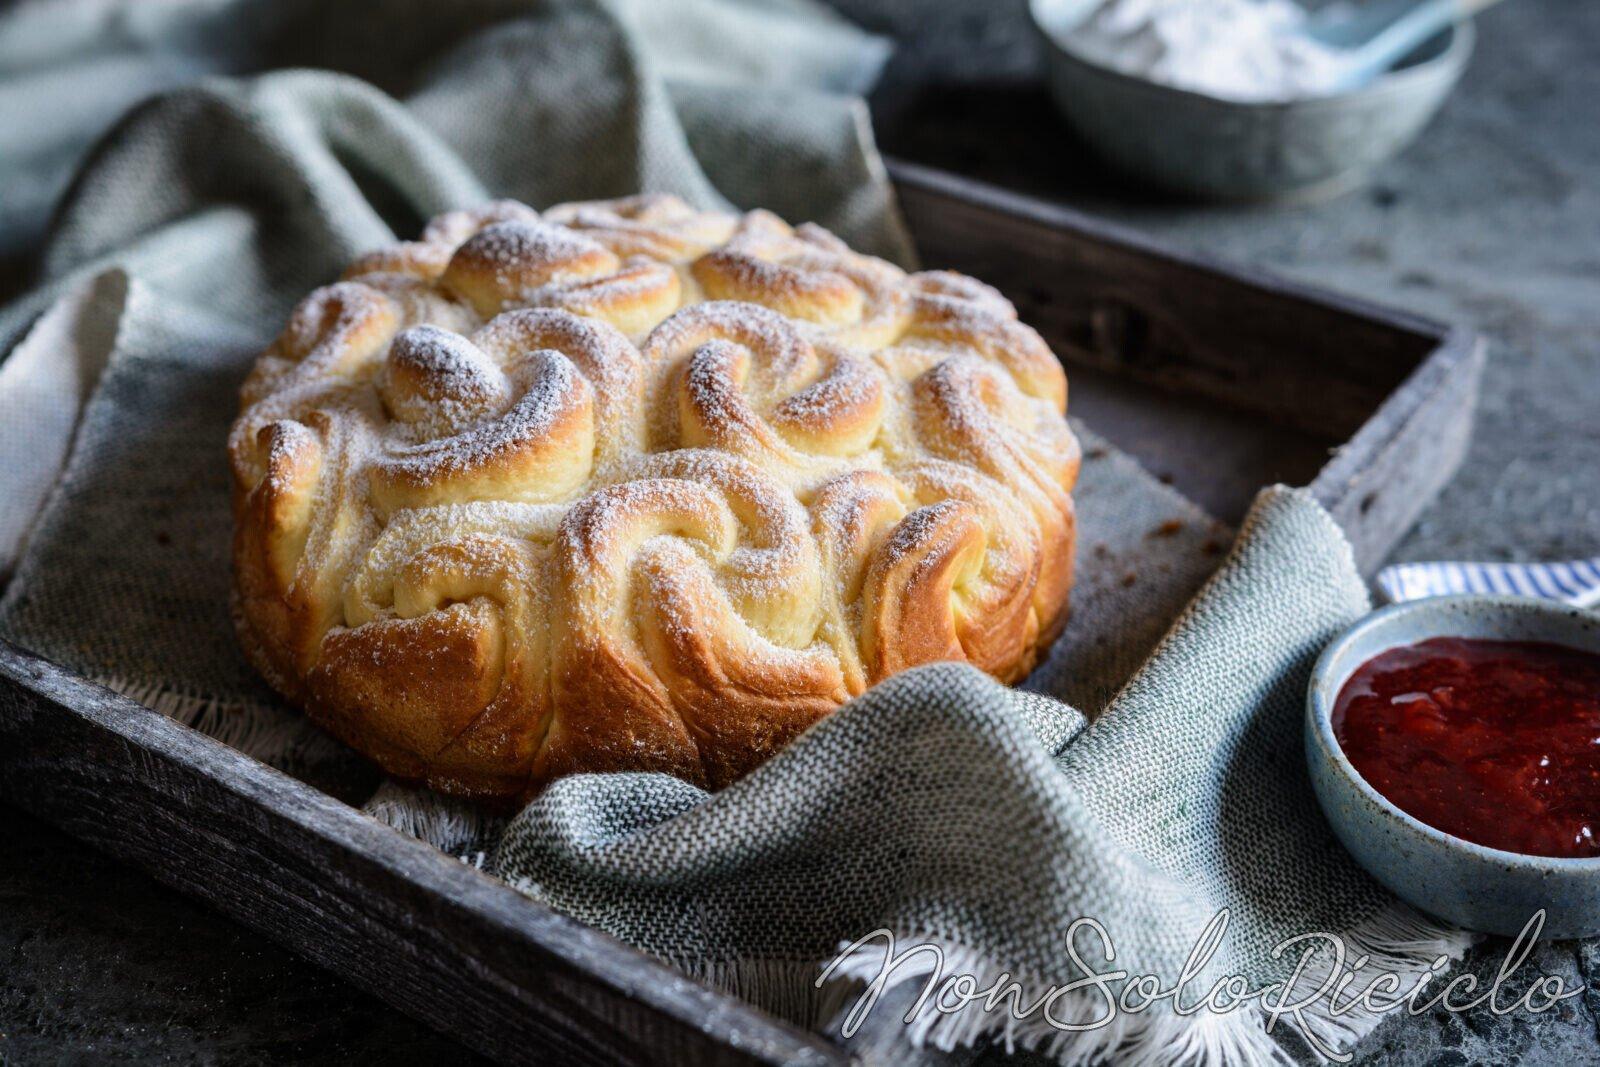 Torta brioche: morbida soffice e con poche calorie per una colazione sana e leggera!